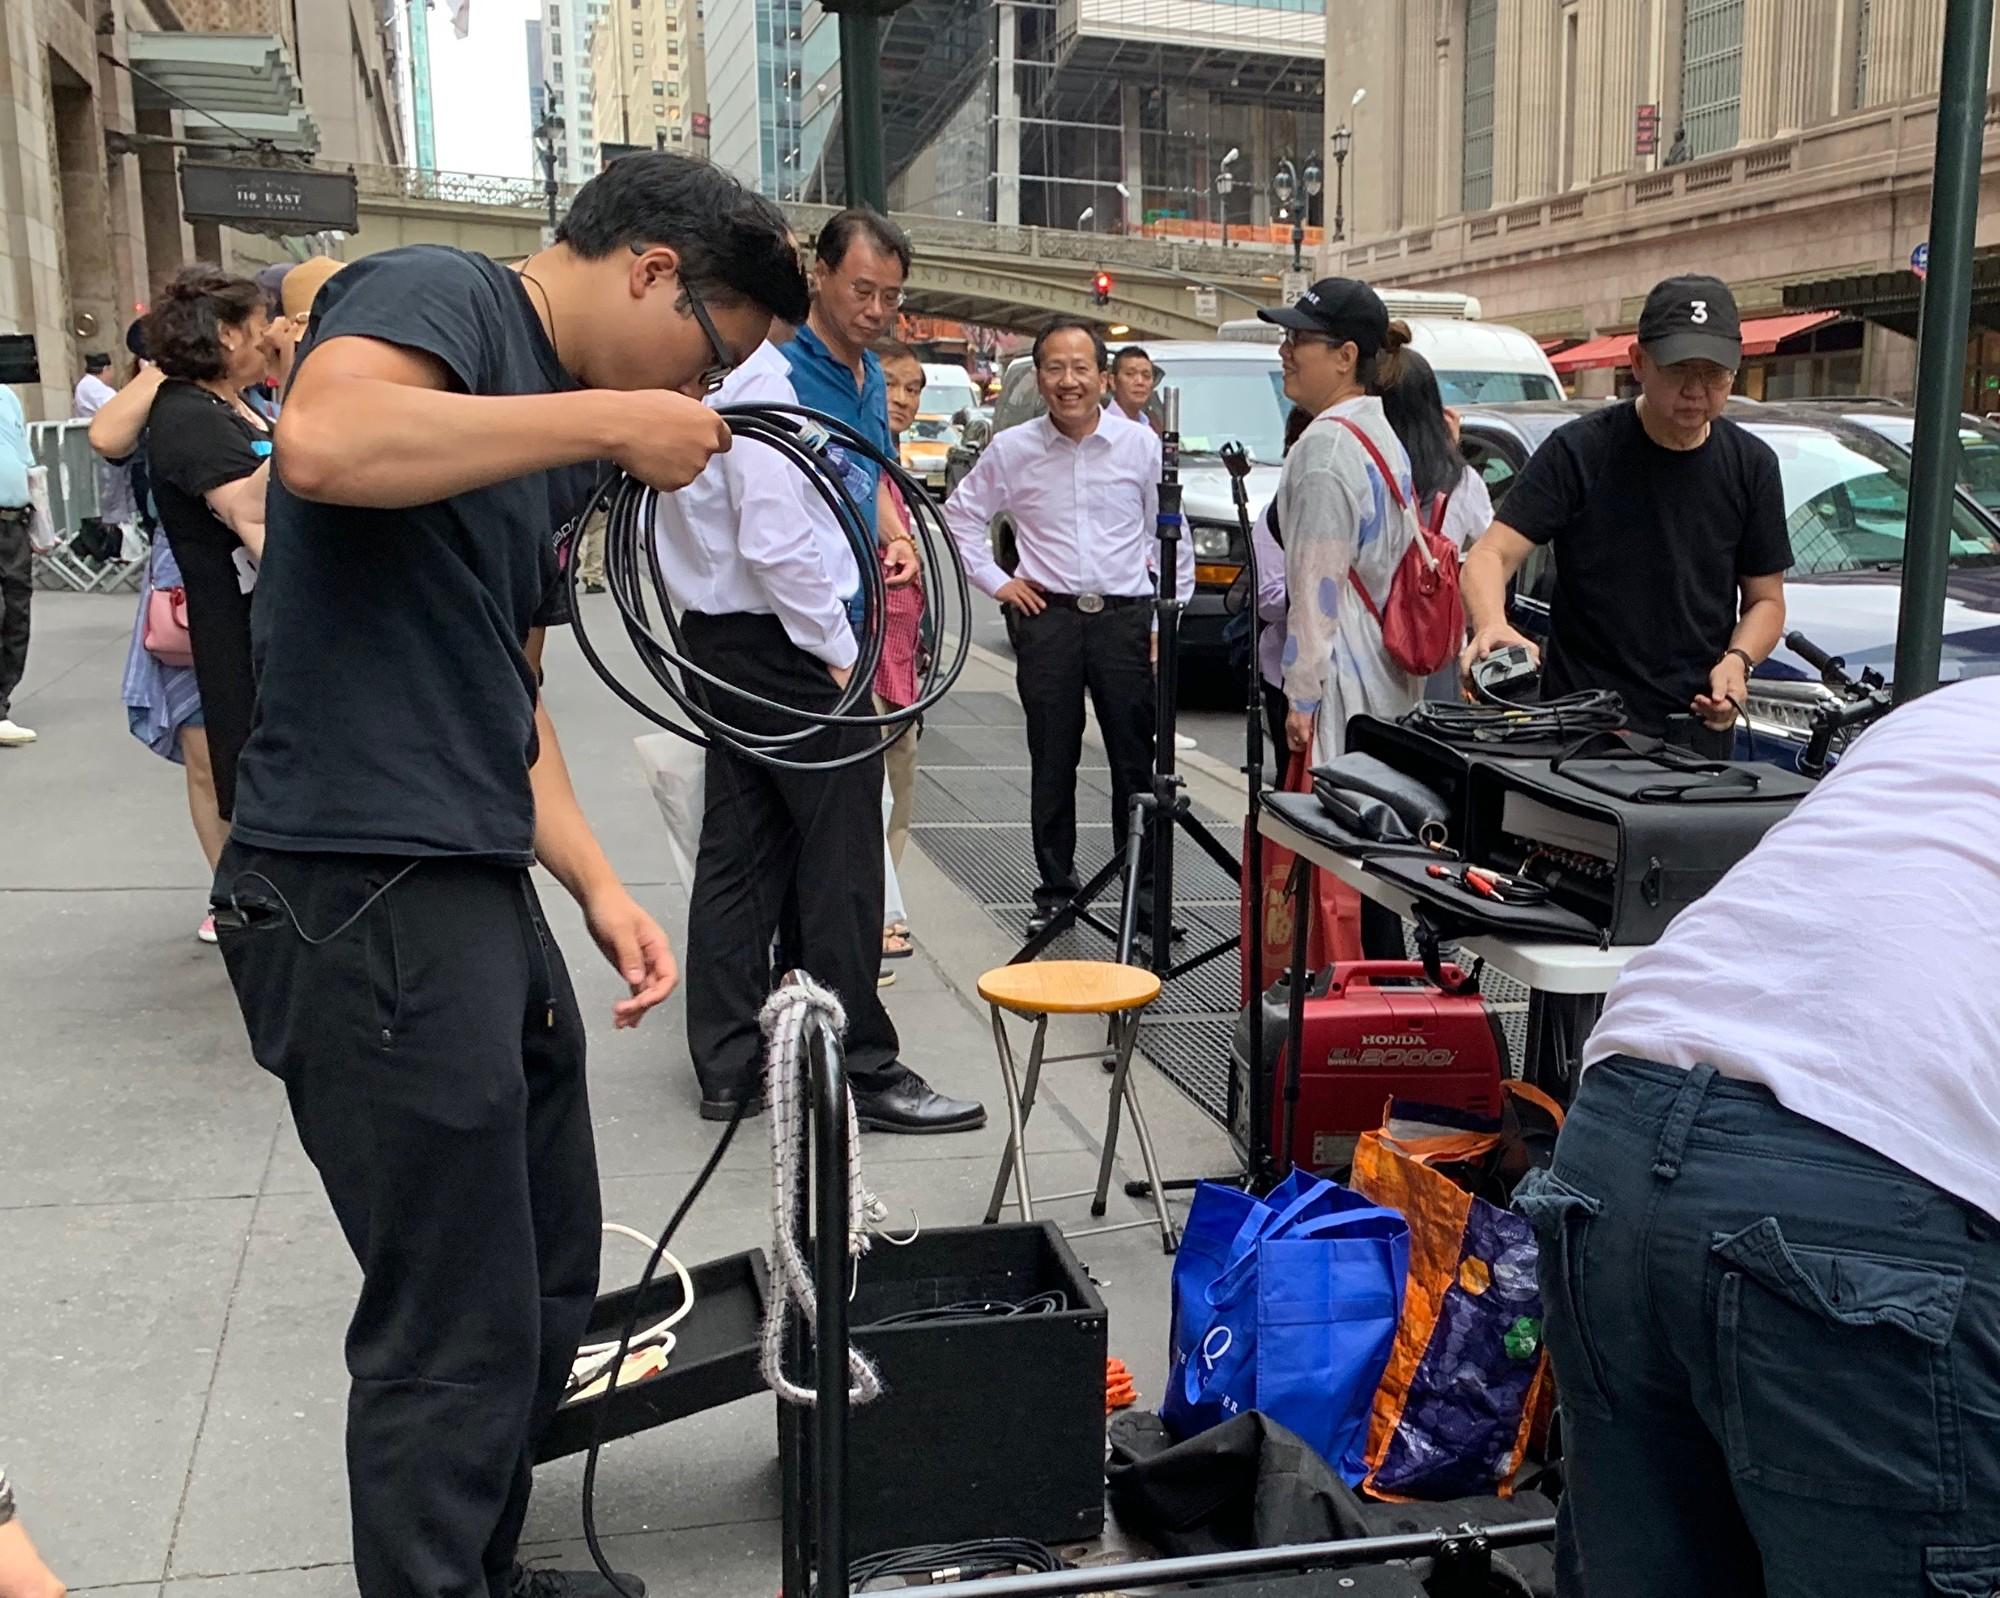 中共在美國的外圍組織「美東華人社團聯合總會」的主席梁冠軍,在11日中午、蔡英文抵達下榻酒店的前幾個小時,在酒店對面馬路指揮佈置場地。(大紀元)